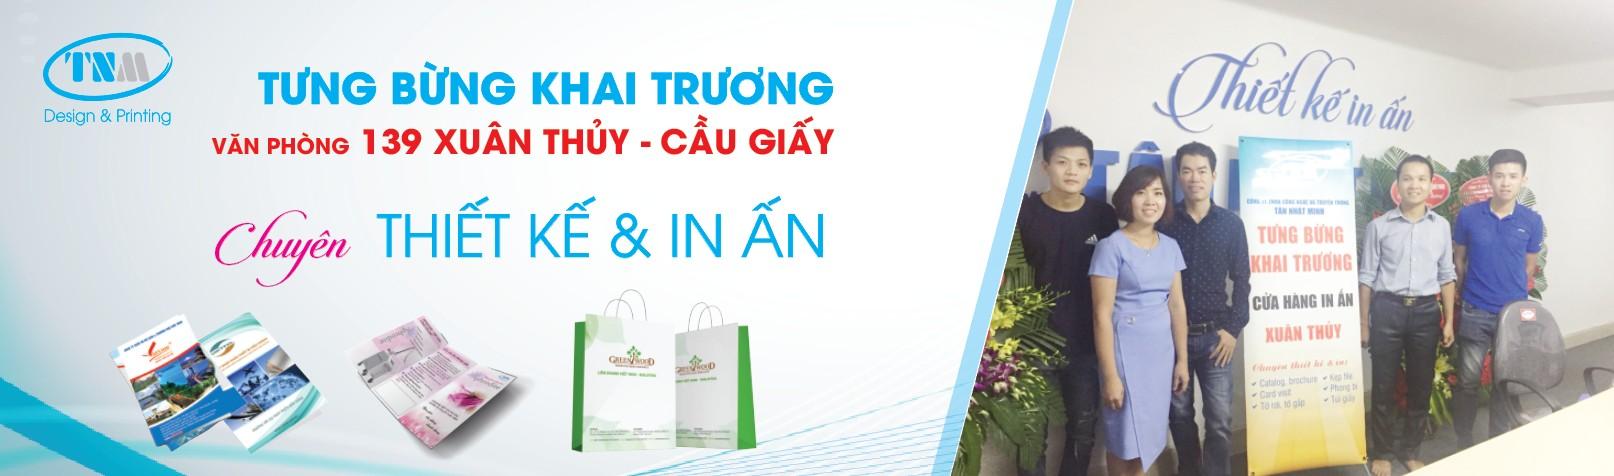 van-phong-xuan-thuy2